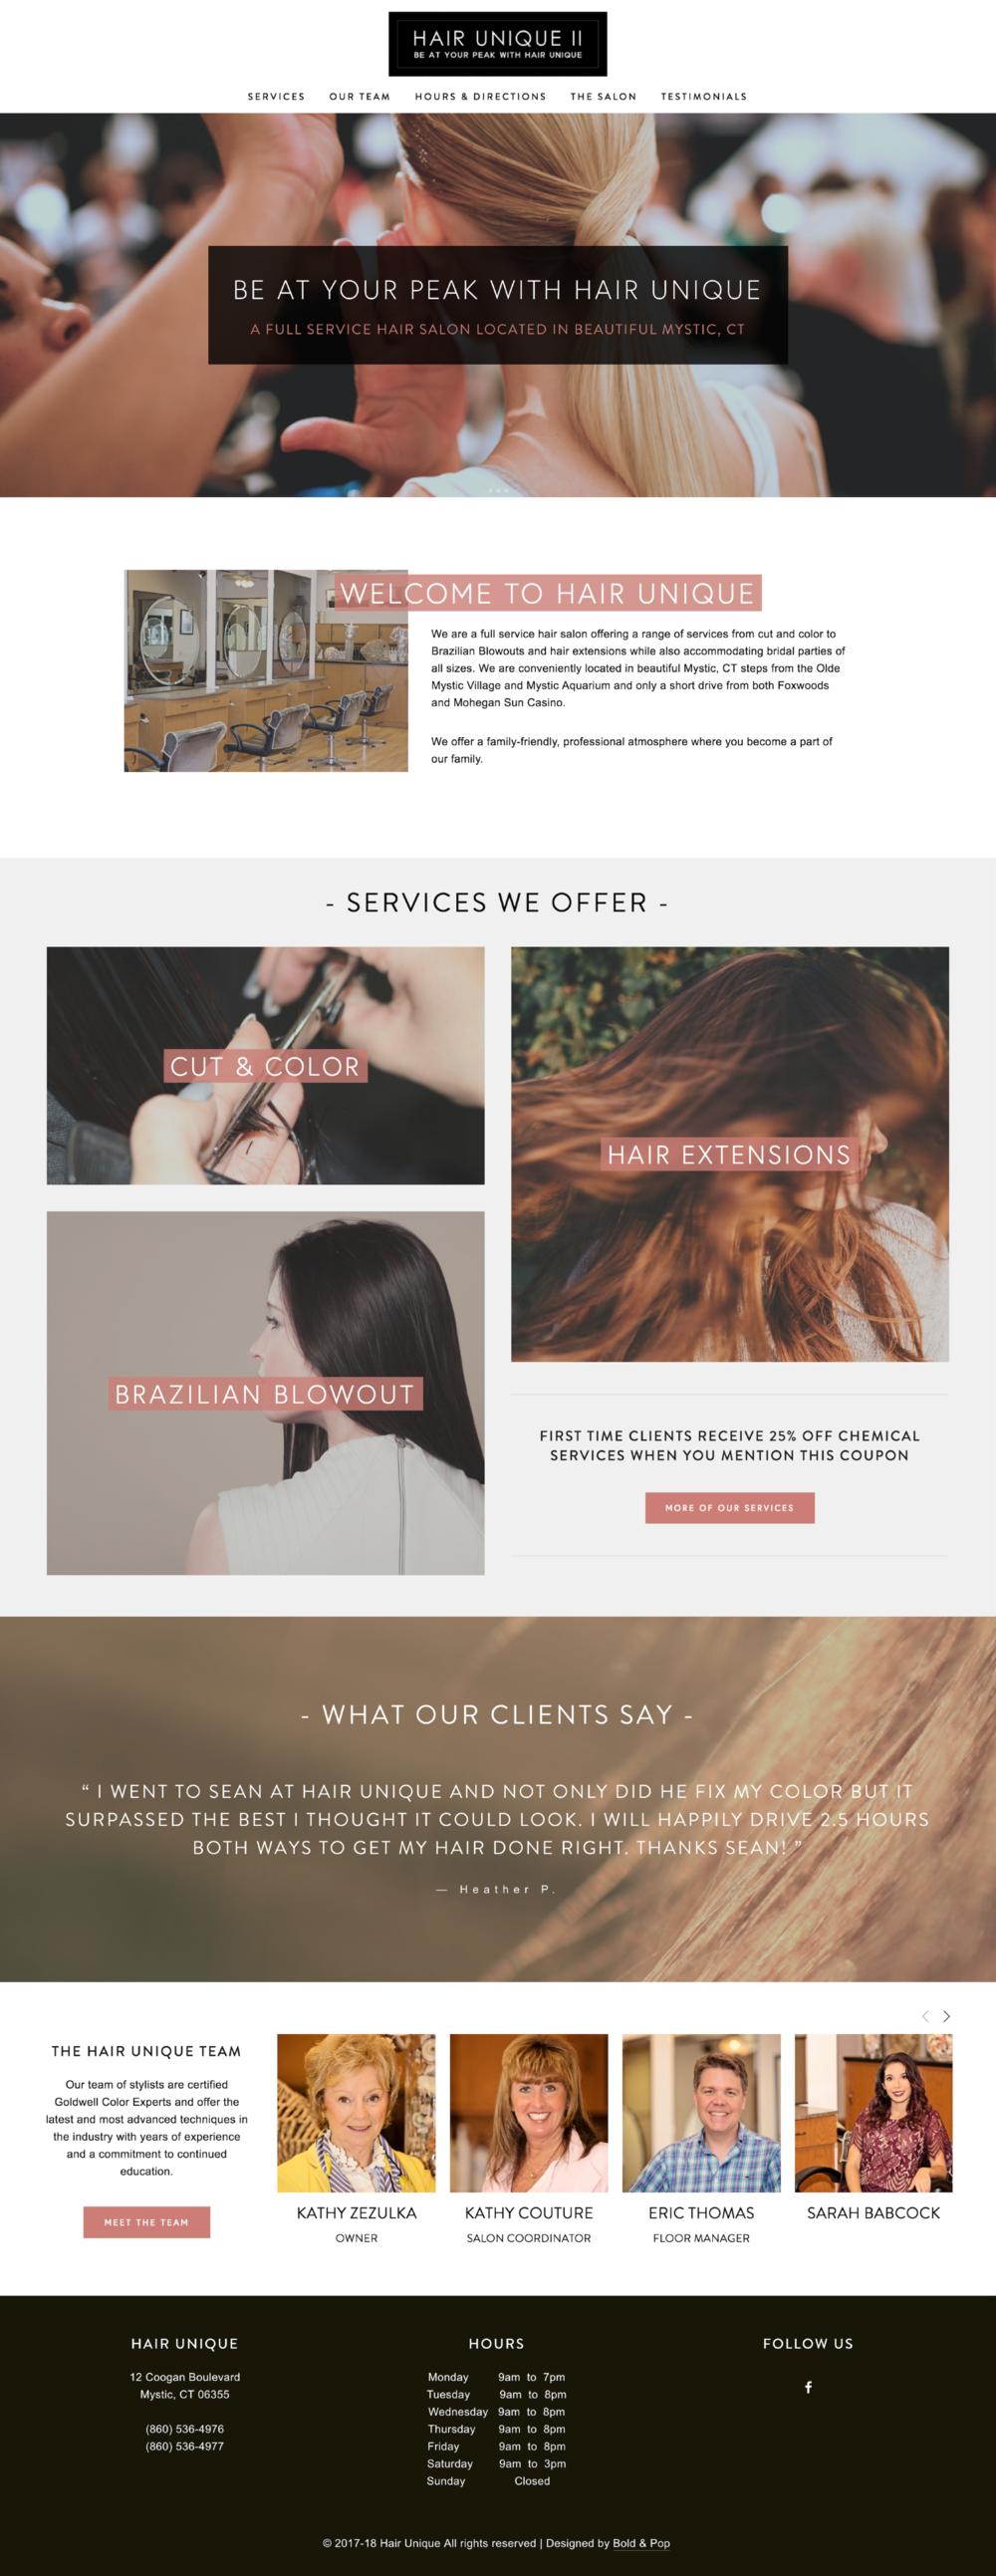 Bold+&+Pop+_+Hair+Unique+Beauty+Salon+Squarespace+Website+Design.png